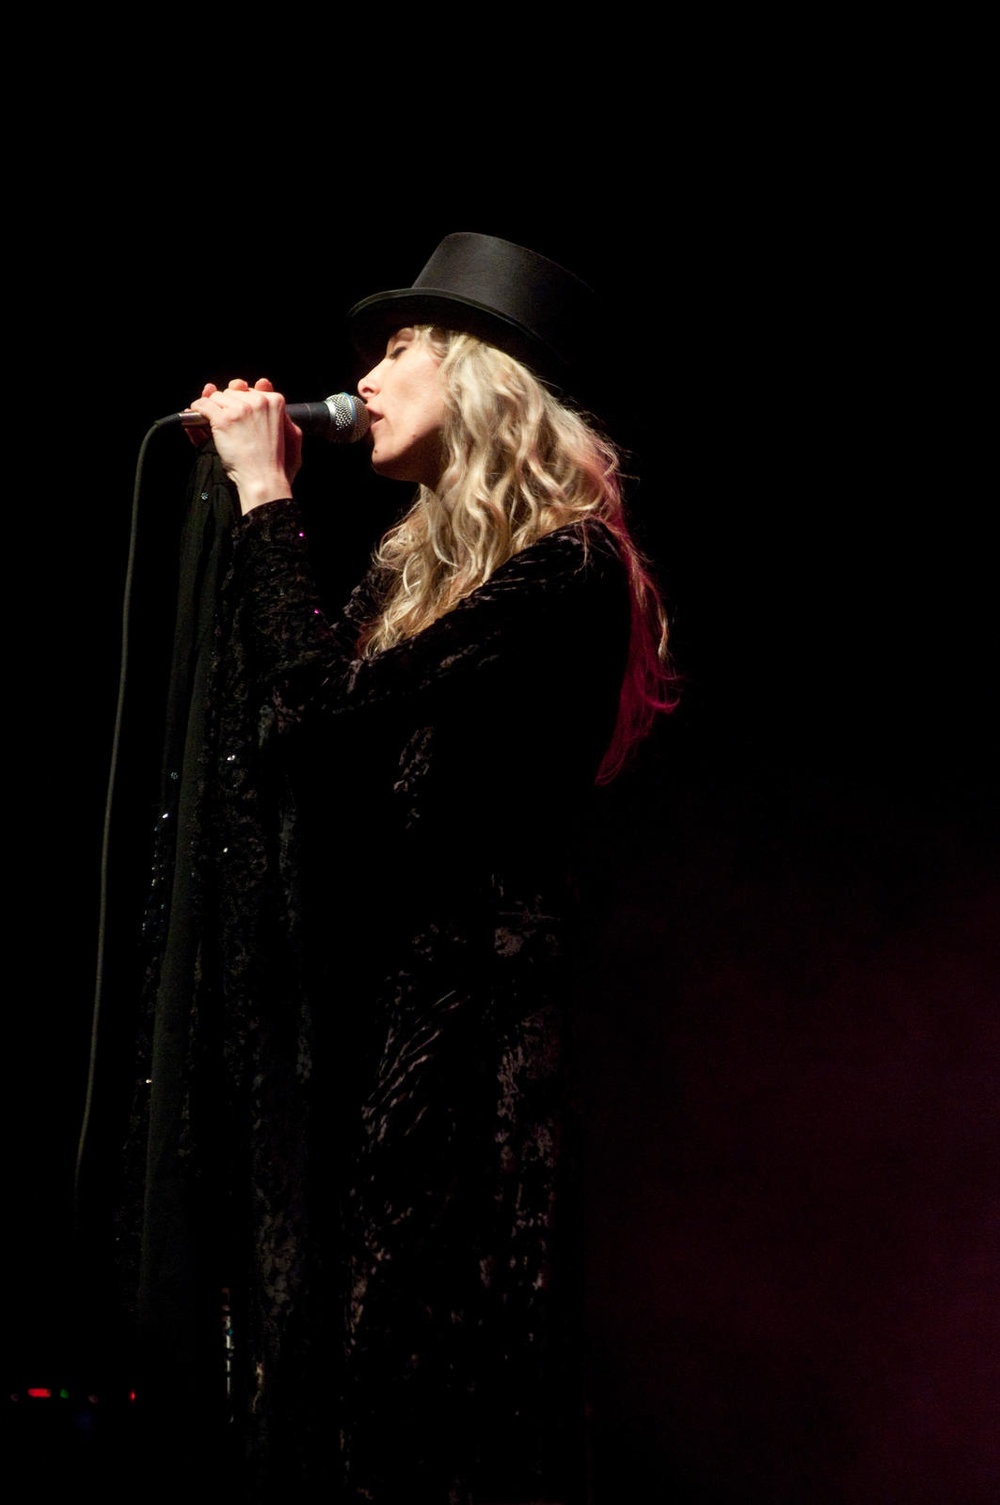 Fleetwood Macked (Fleetwood Mac)